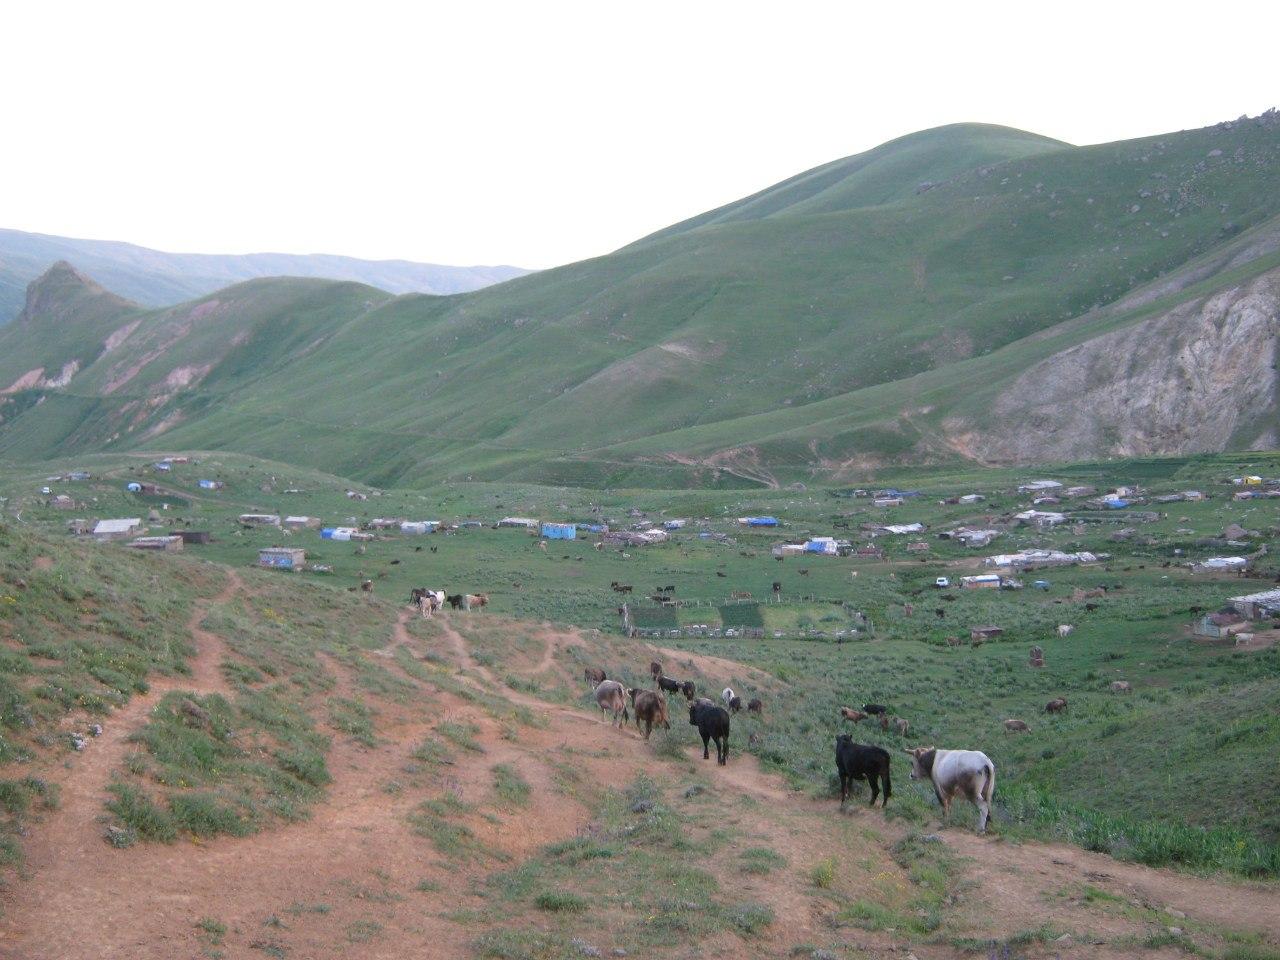 пастушеское селение в армянской провинции